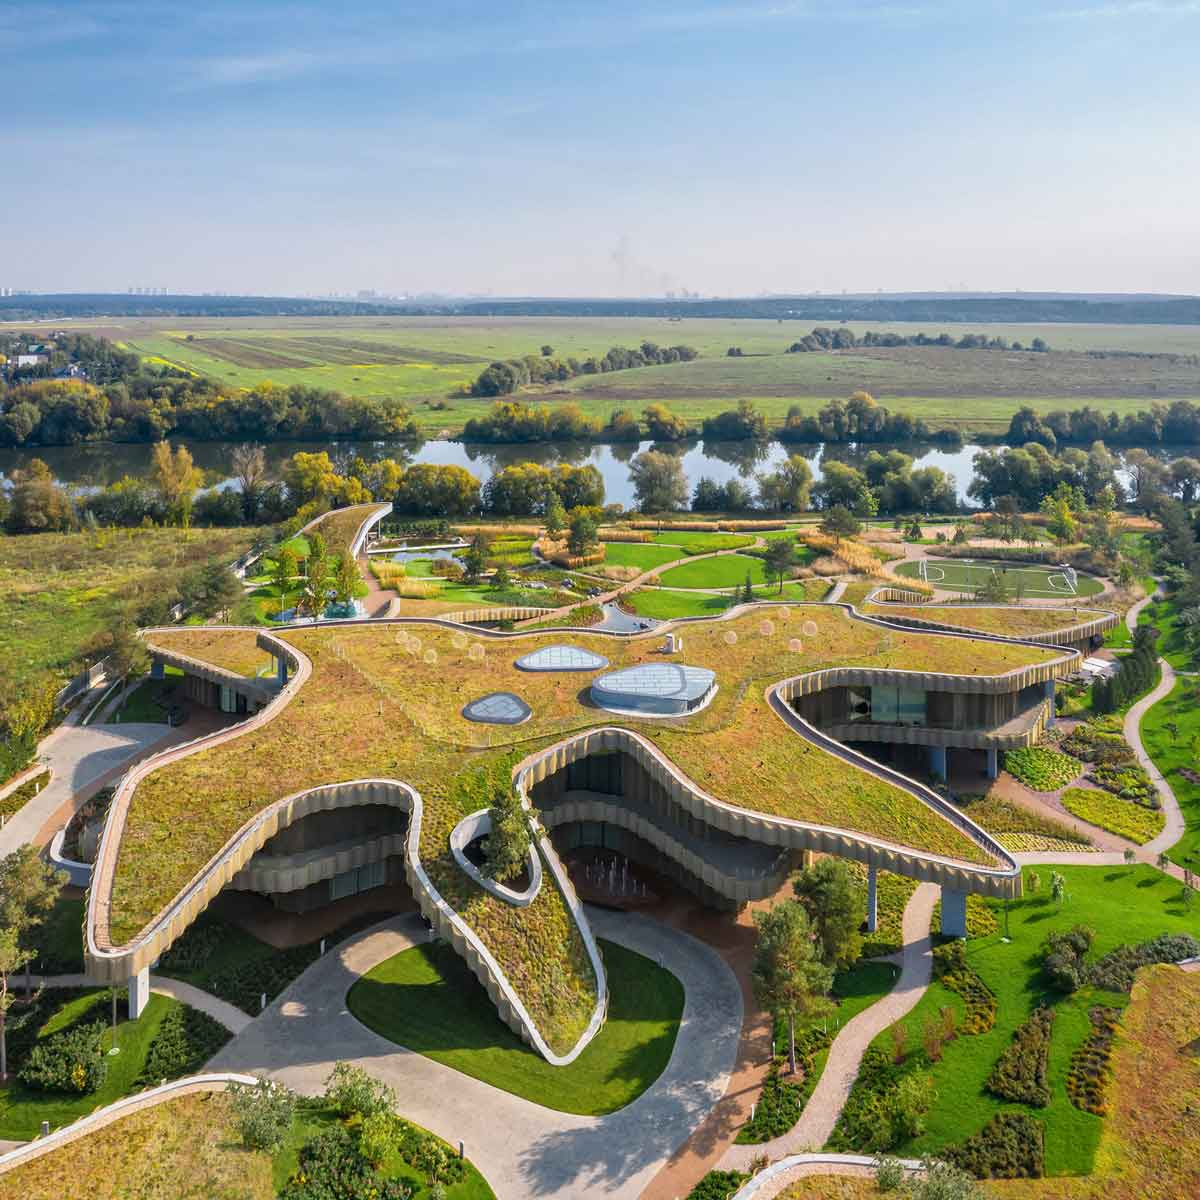 По замыслу авторов проекта, дом и природа должны стать единым целым. Поэтому в конструкции применялись плавные изгибы и округлые формы, напоминающие холмы и горы, а на крыше созданы сады и ландшафтные зоны